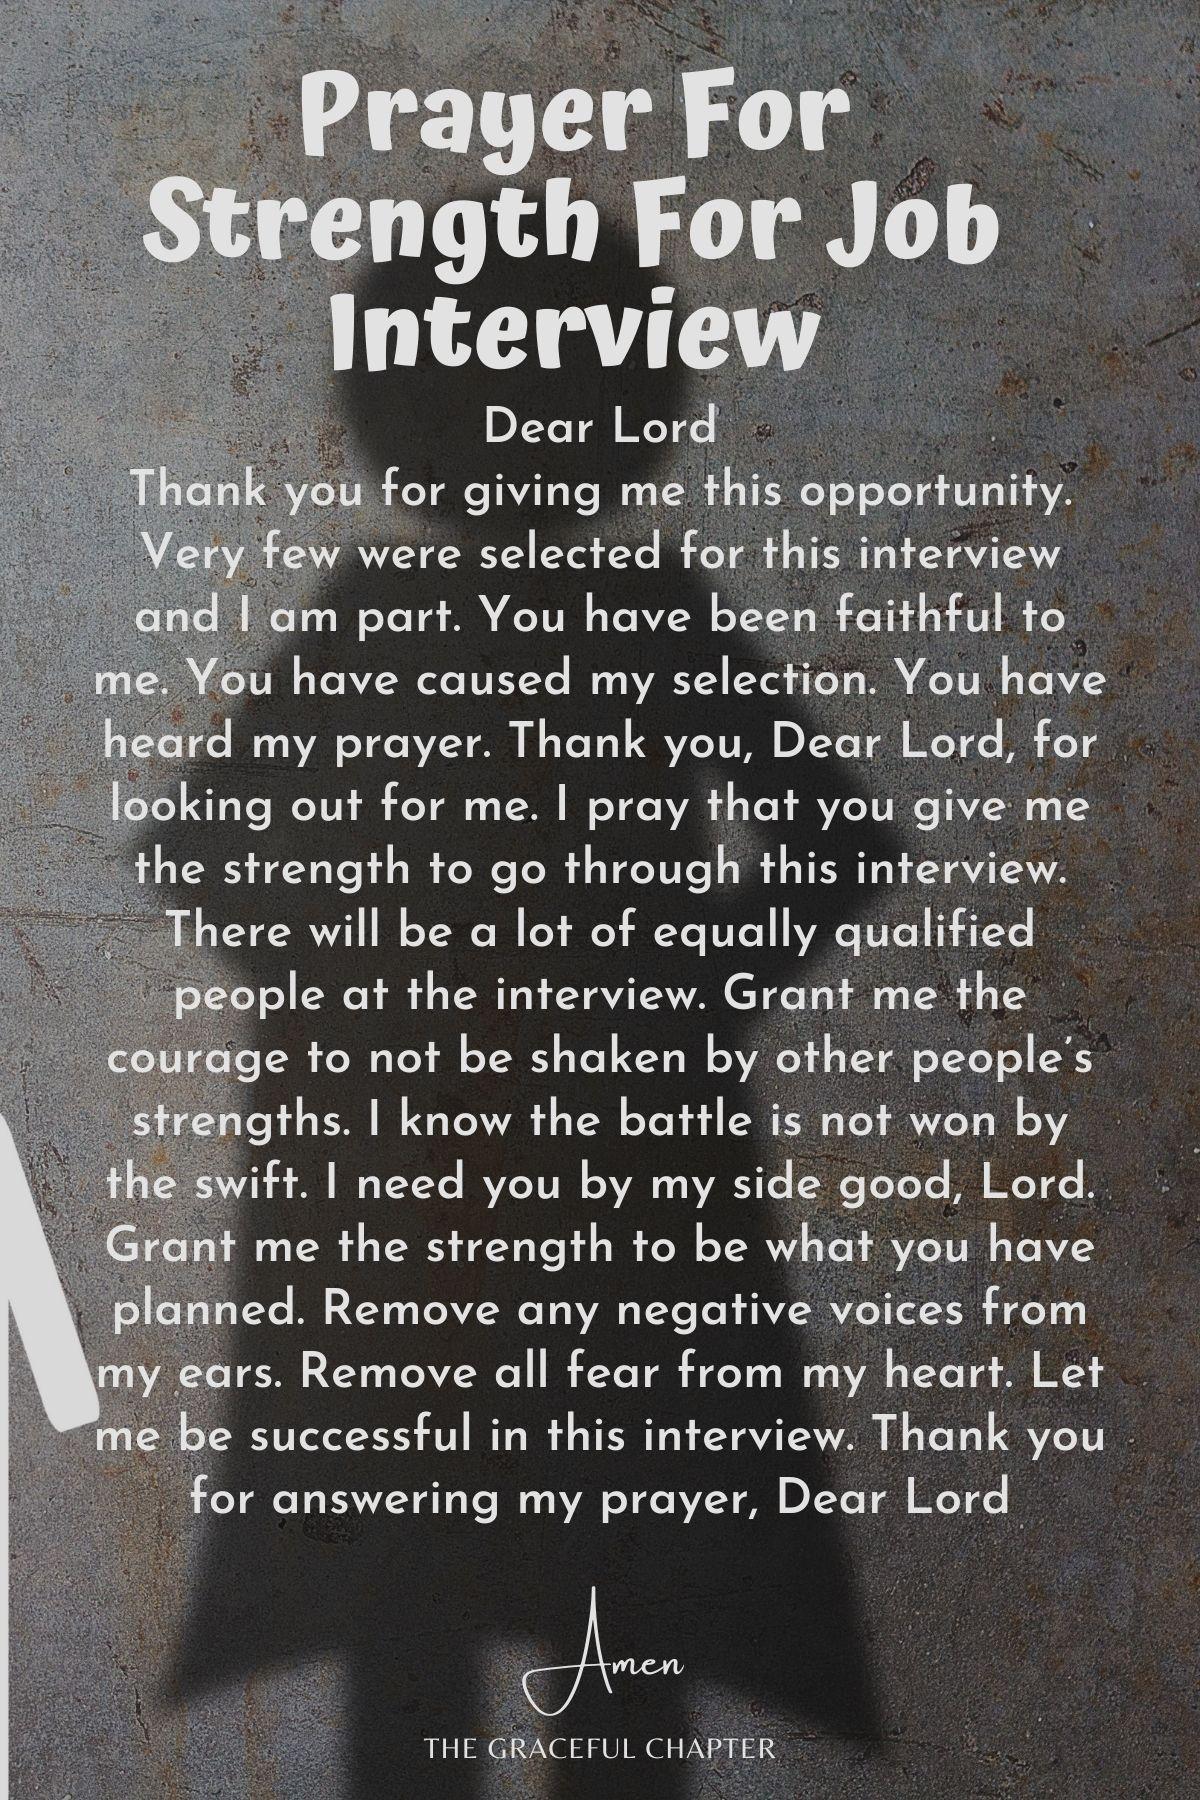 Prayer for strength for job interview